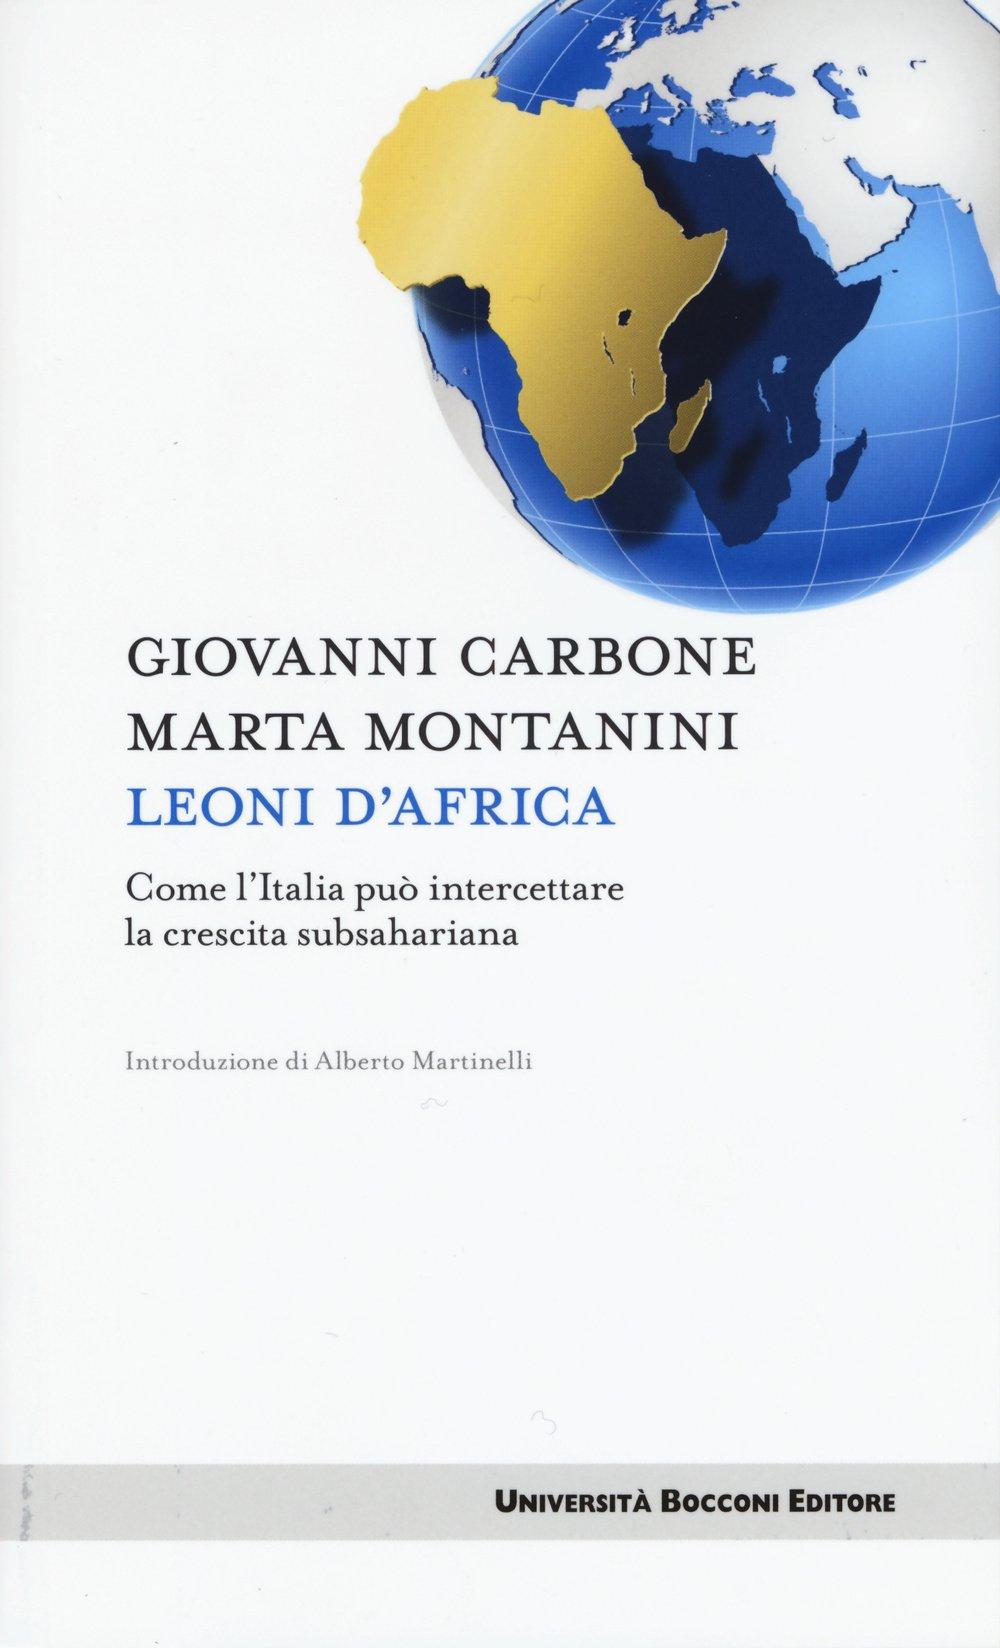 Leoni d'Africa. Come l'Italia può intercettare la crescita subsahariana Copertina flessibile – 19 mar 2015 Giovanni Carbone Marta Montanini Università Bocconi Editore 8883502175